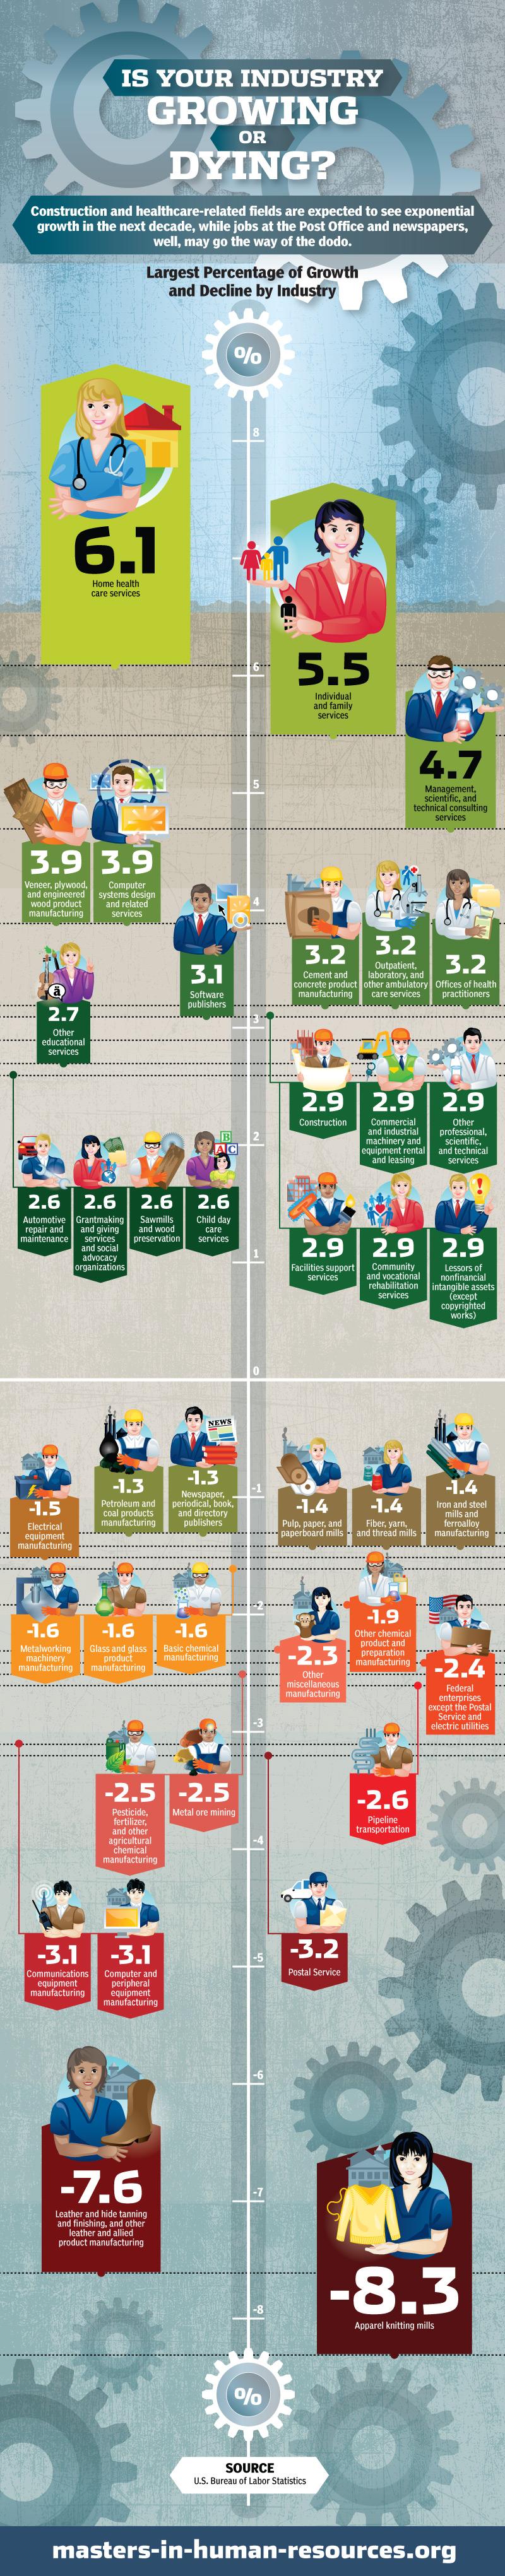 Infographie tes vous dans un secteur d 39 avenir - Cabinet recrutement industrie pharmaceutique ...